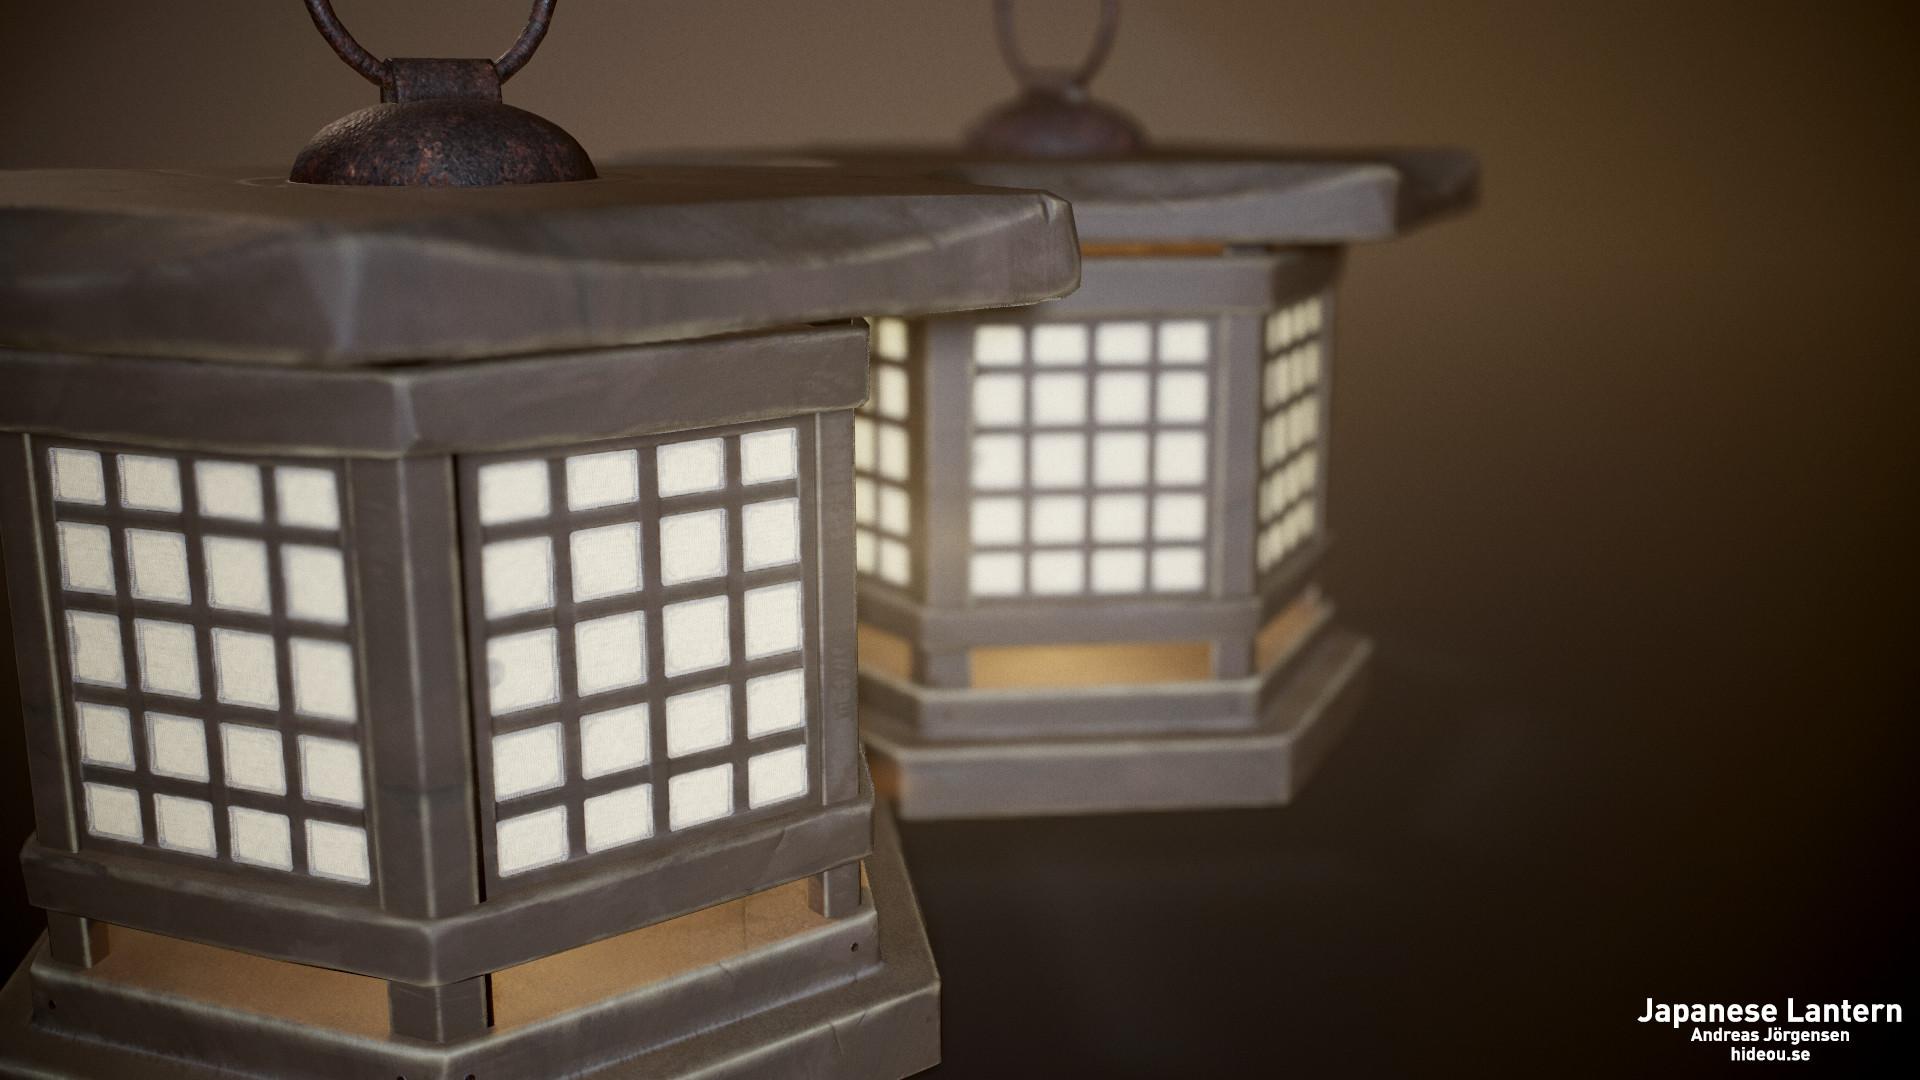 Andreas jorgensen lantern2